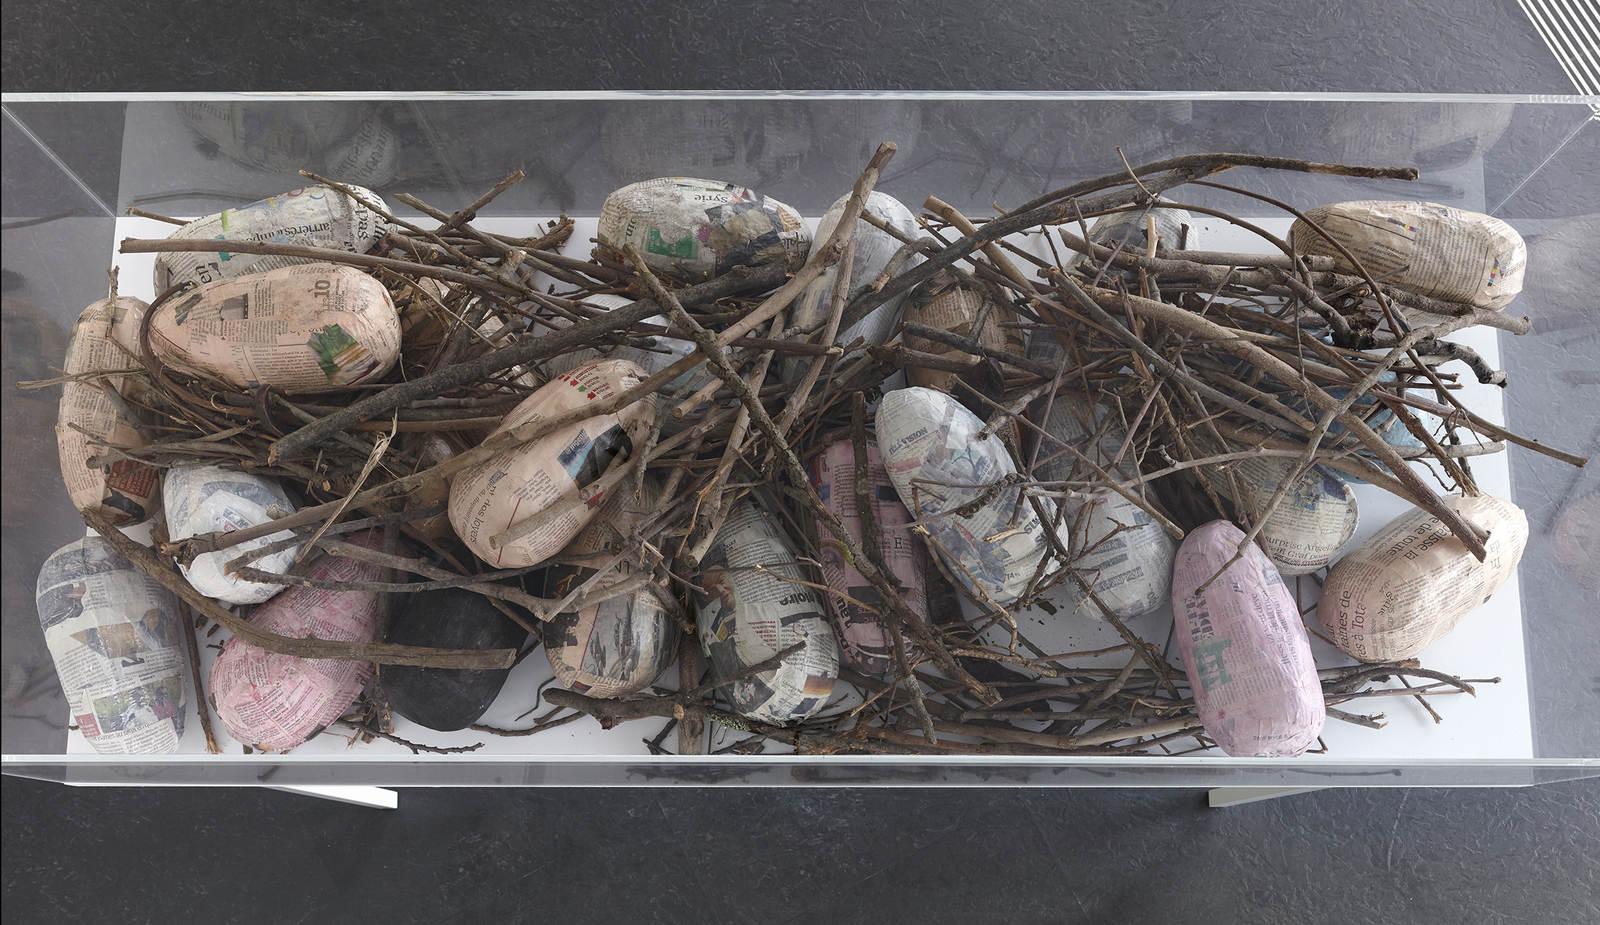 8_Shelly Nadashi NESTING BOX, Installation View_Dortmunder Kunstverein, Photo Simon Vogel